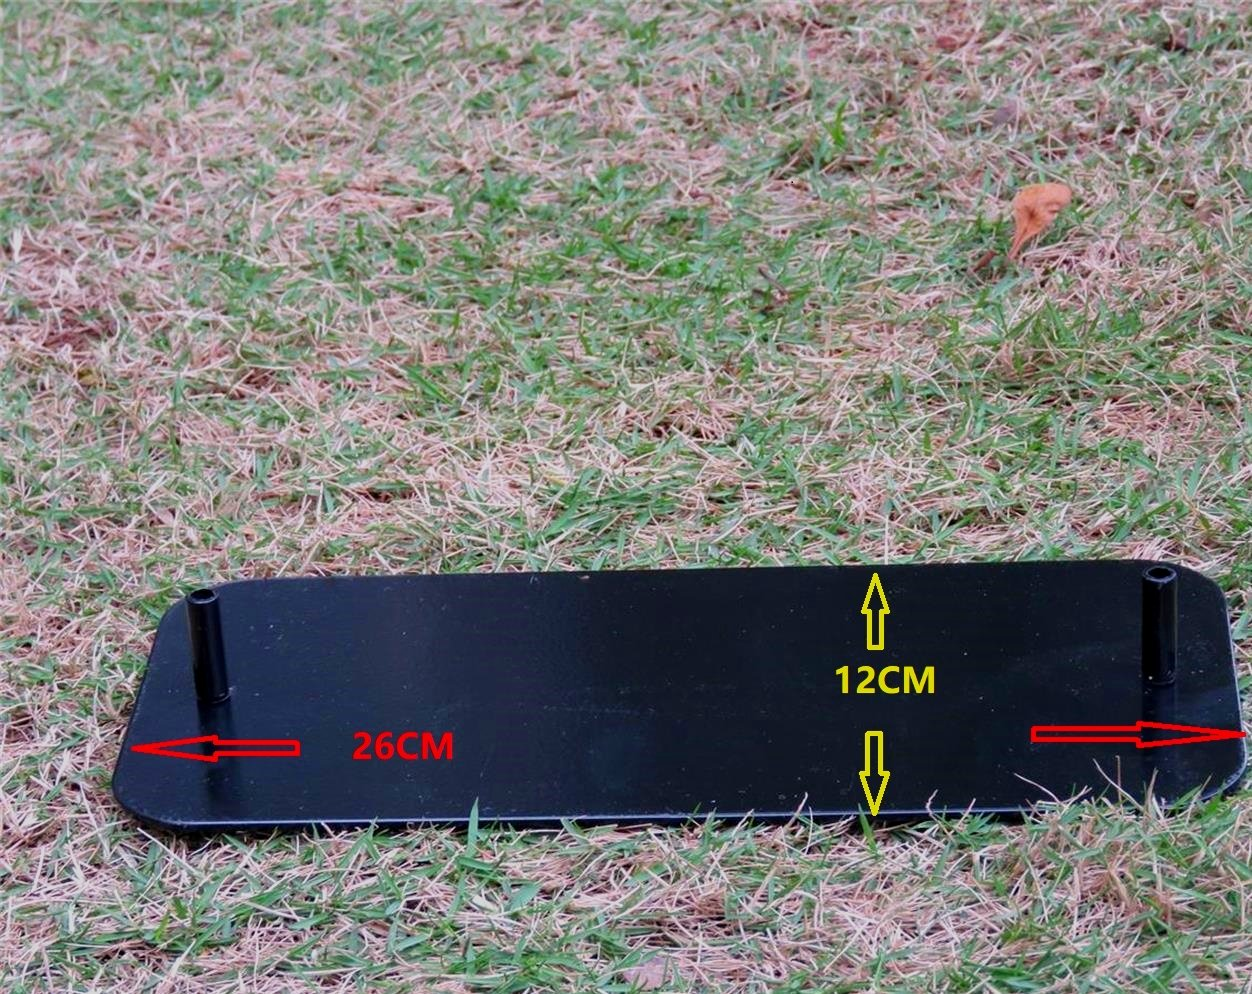 WINGS Spinner Objectifs R/éinitialisation Cible Pistolet /à Air Objectifs Balle DEntra/înement Filed Objectifs Int/érieur Airgun Objectifs pour Chasse